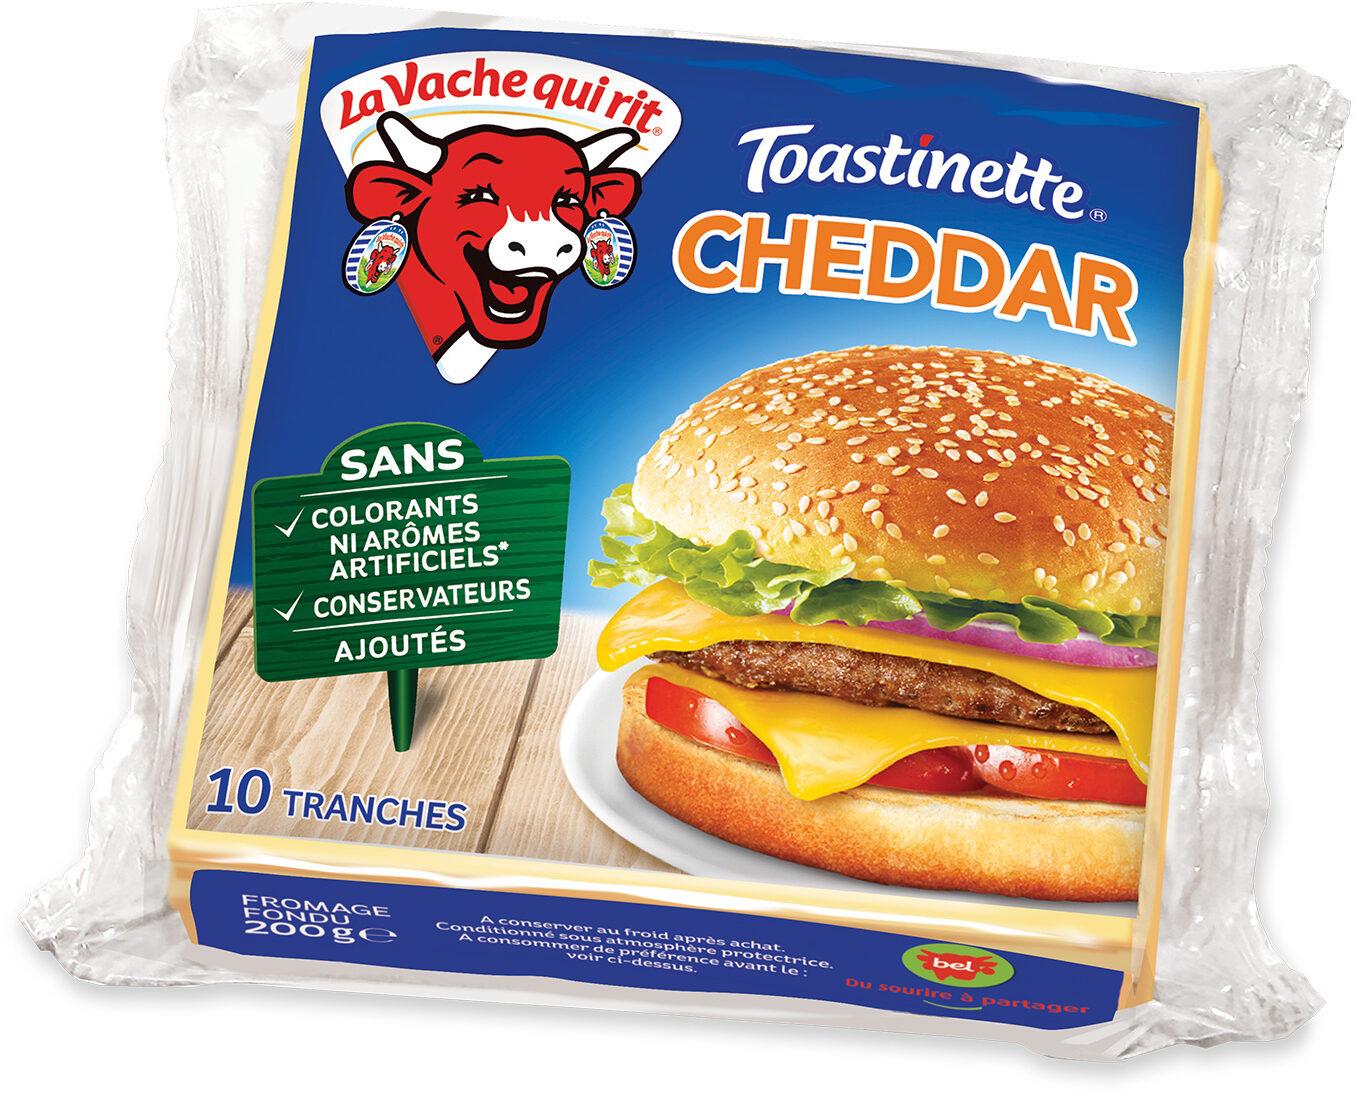 Toastinette cheddar 10 tranches - Prodotto - fr